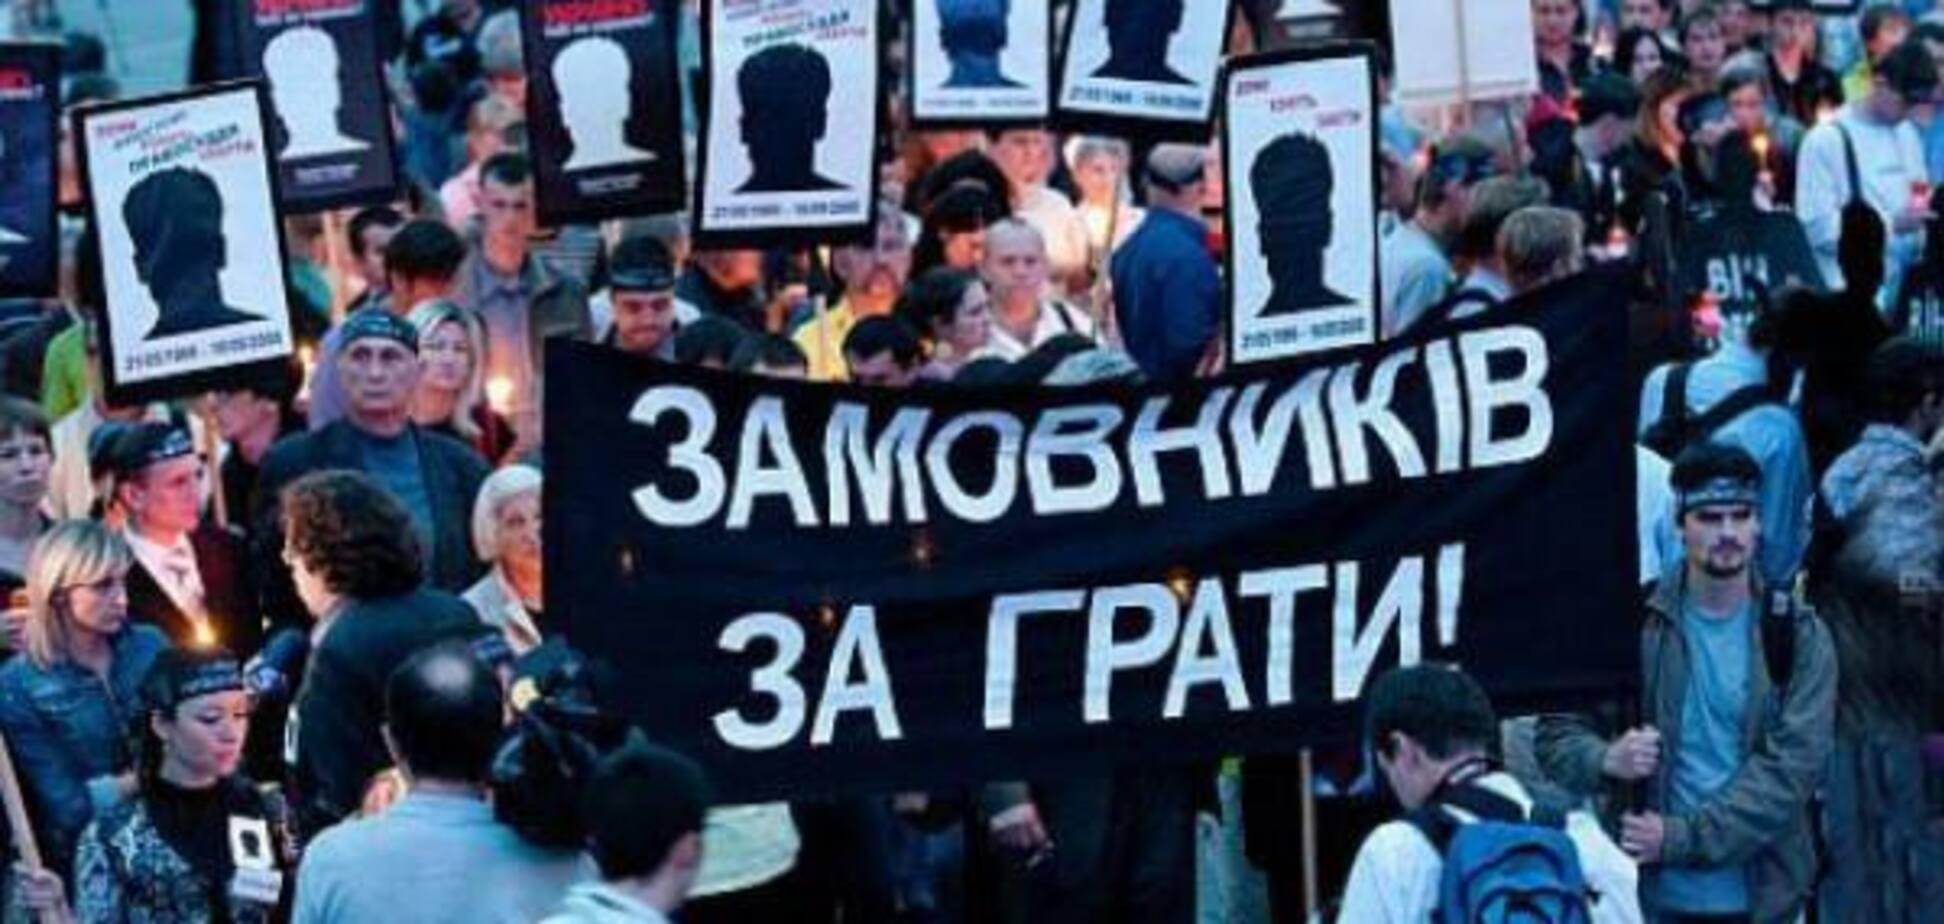 Луценко 'сливает' расследование дела убийства Гонгадзе - Бутусов